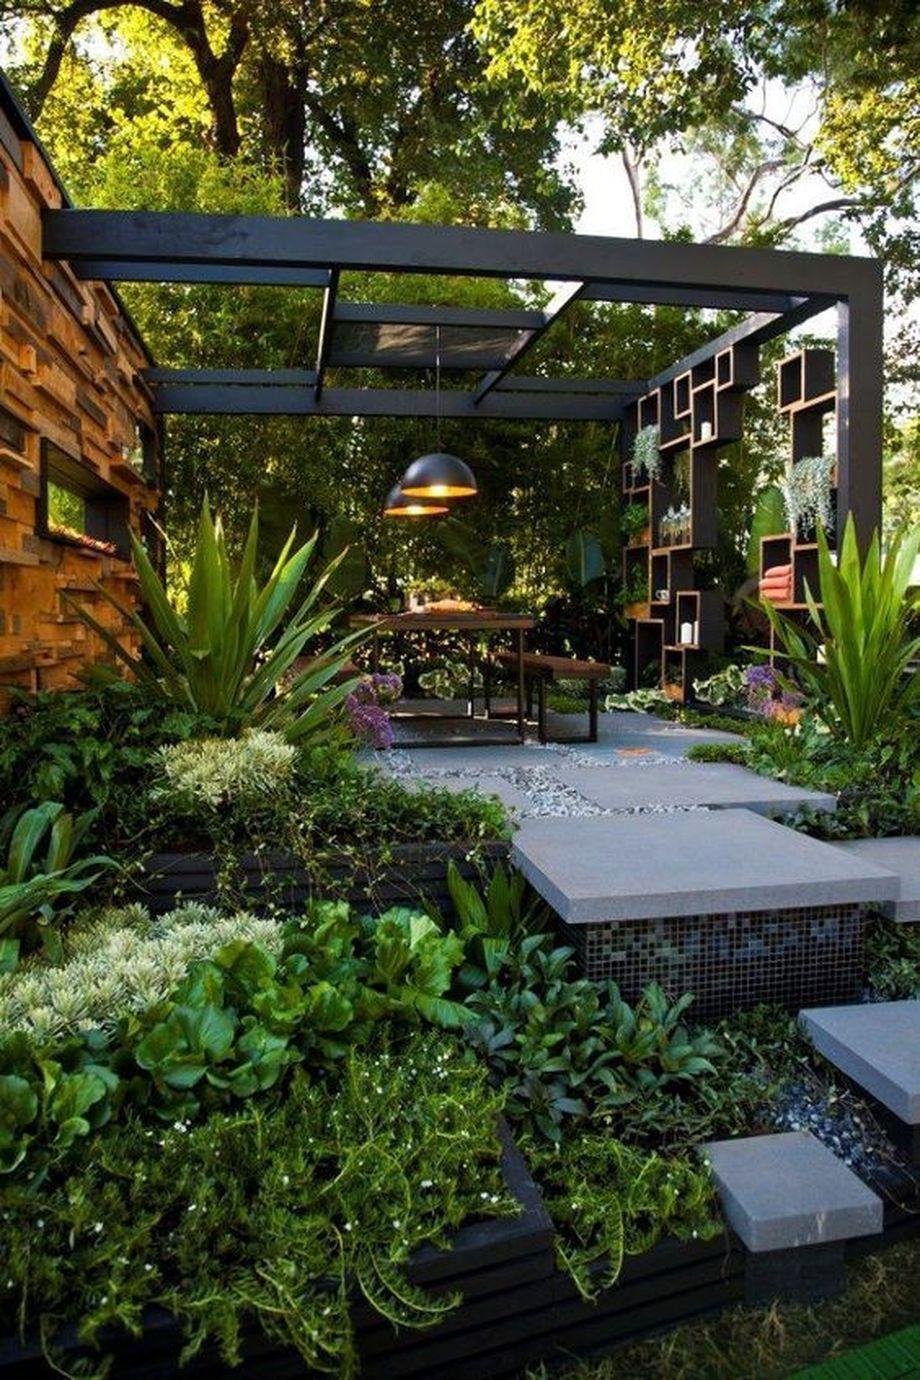 90 Perfect Pergola Designs Ideas For Home Patio Small Backyard Landscaping Backyard Contemporary Garden